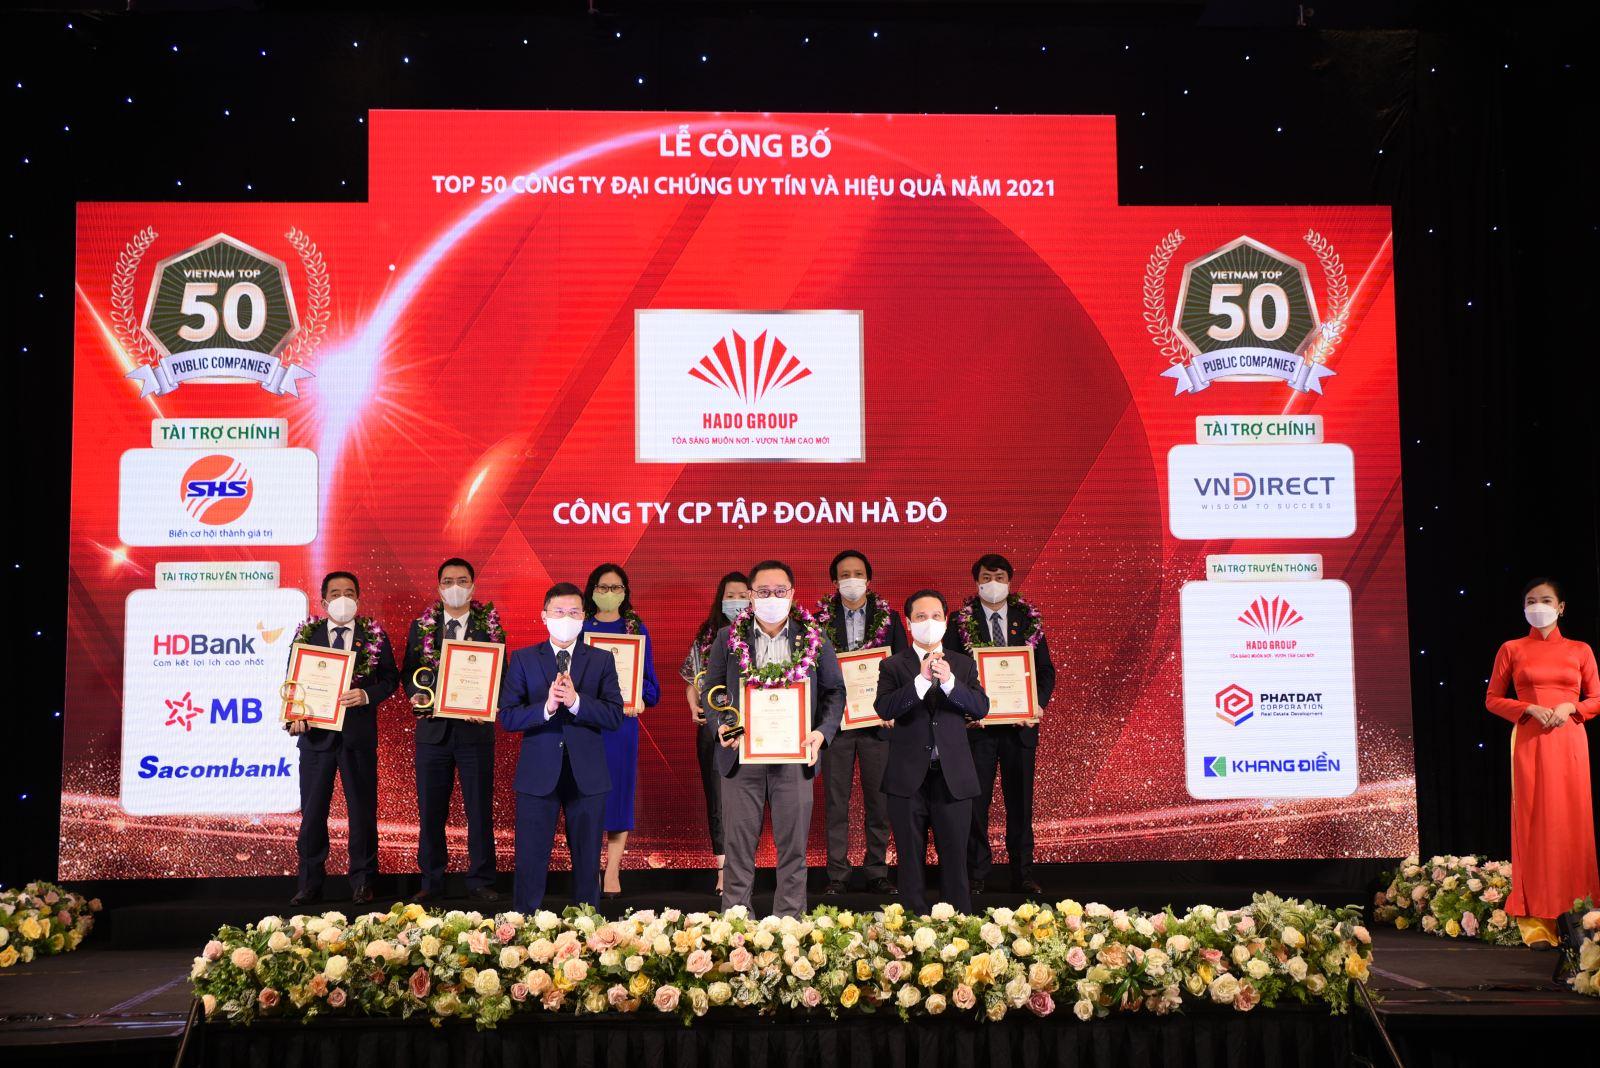 Tập đoàn Hà Đô vinh danh trong Top 50 Công ty Đại chúng uy tín và hiệu quả năm 2021